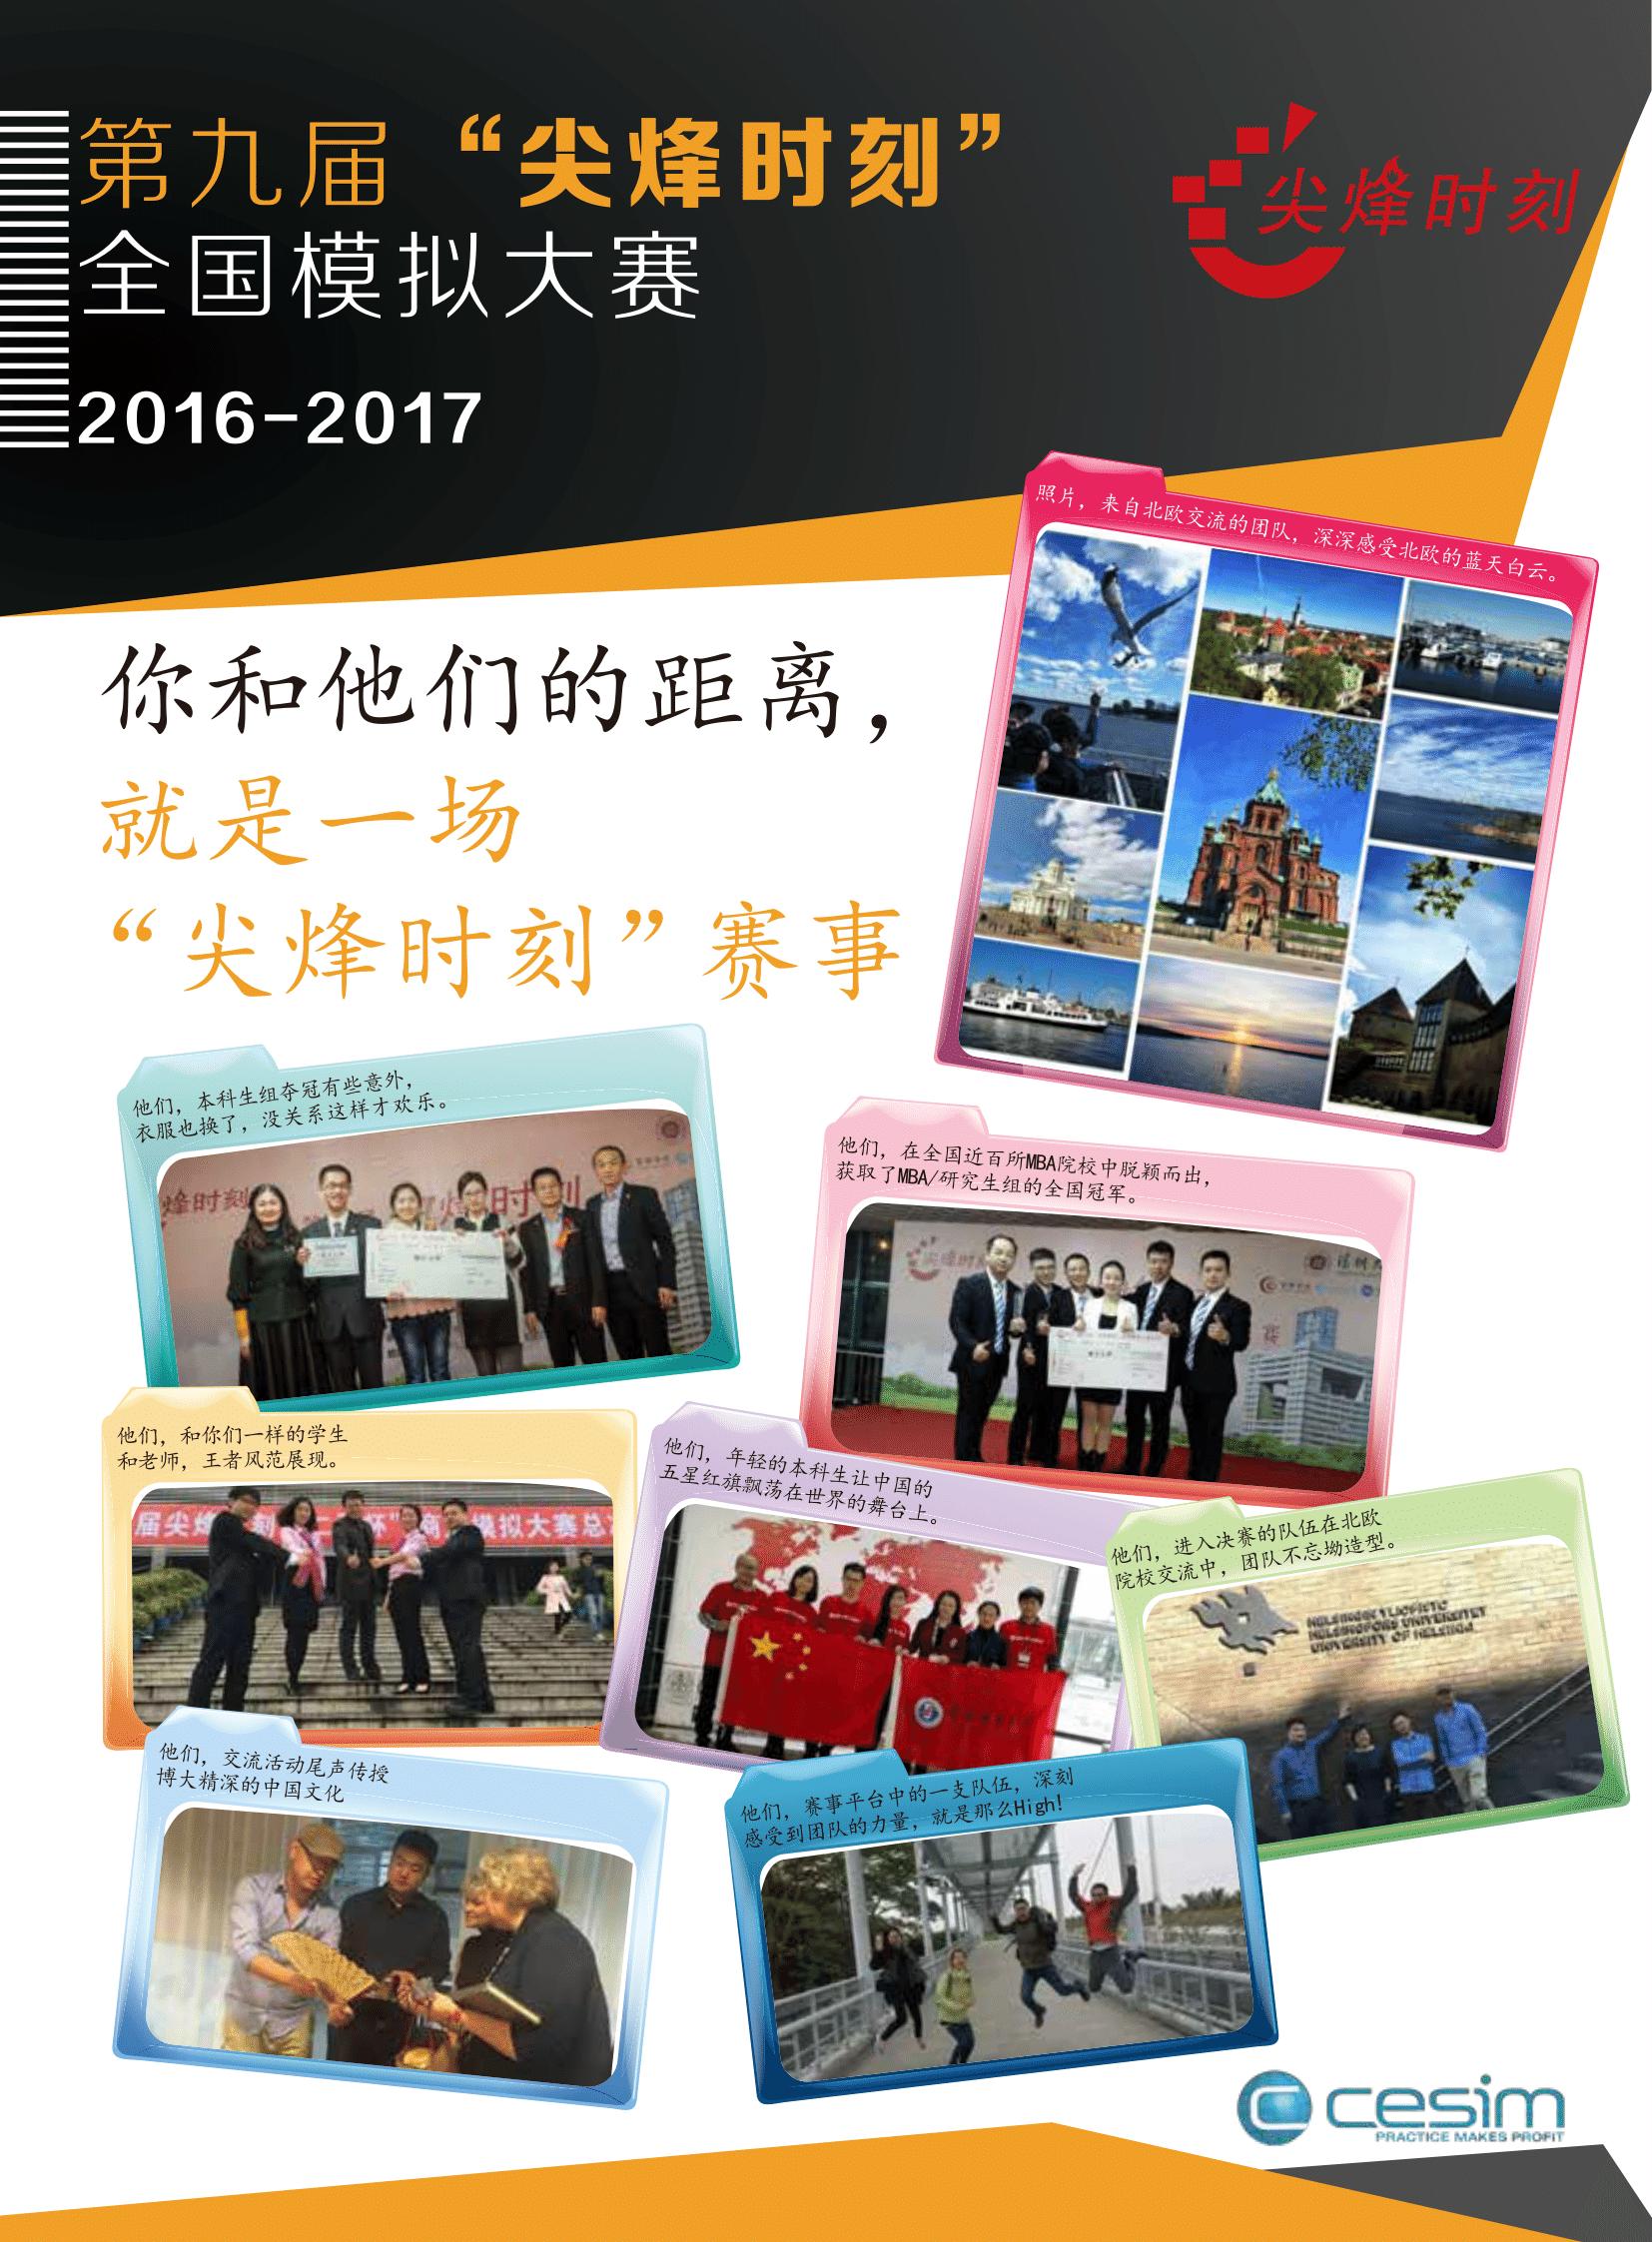 """第九届""""尖烽时刻""""全国商业模拟大赛手册下载"""